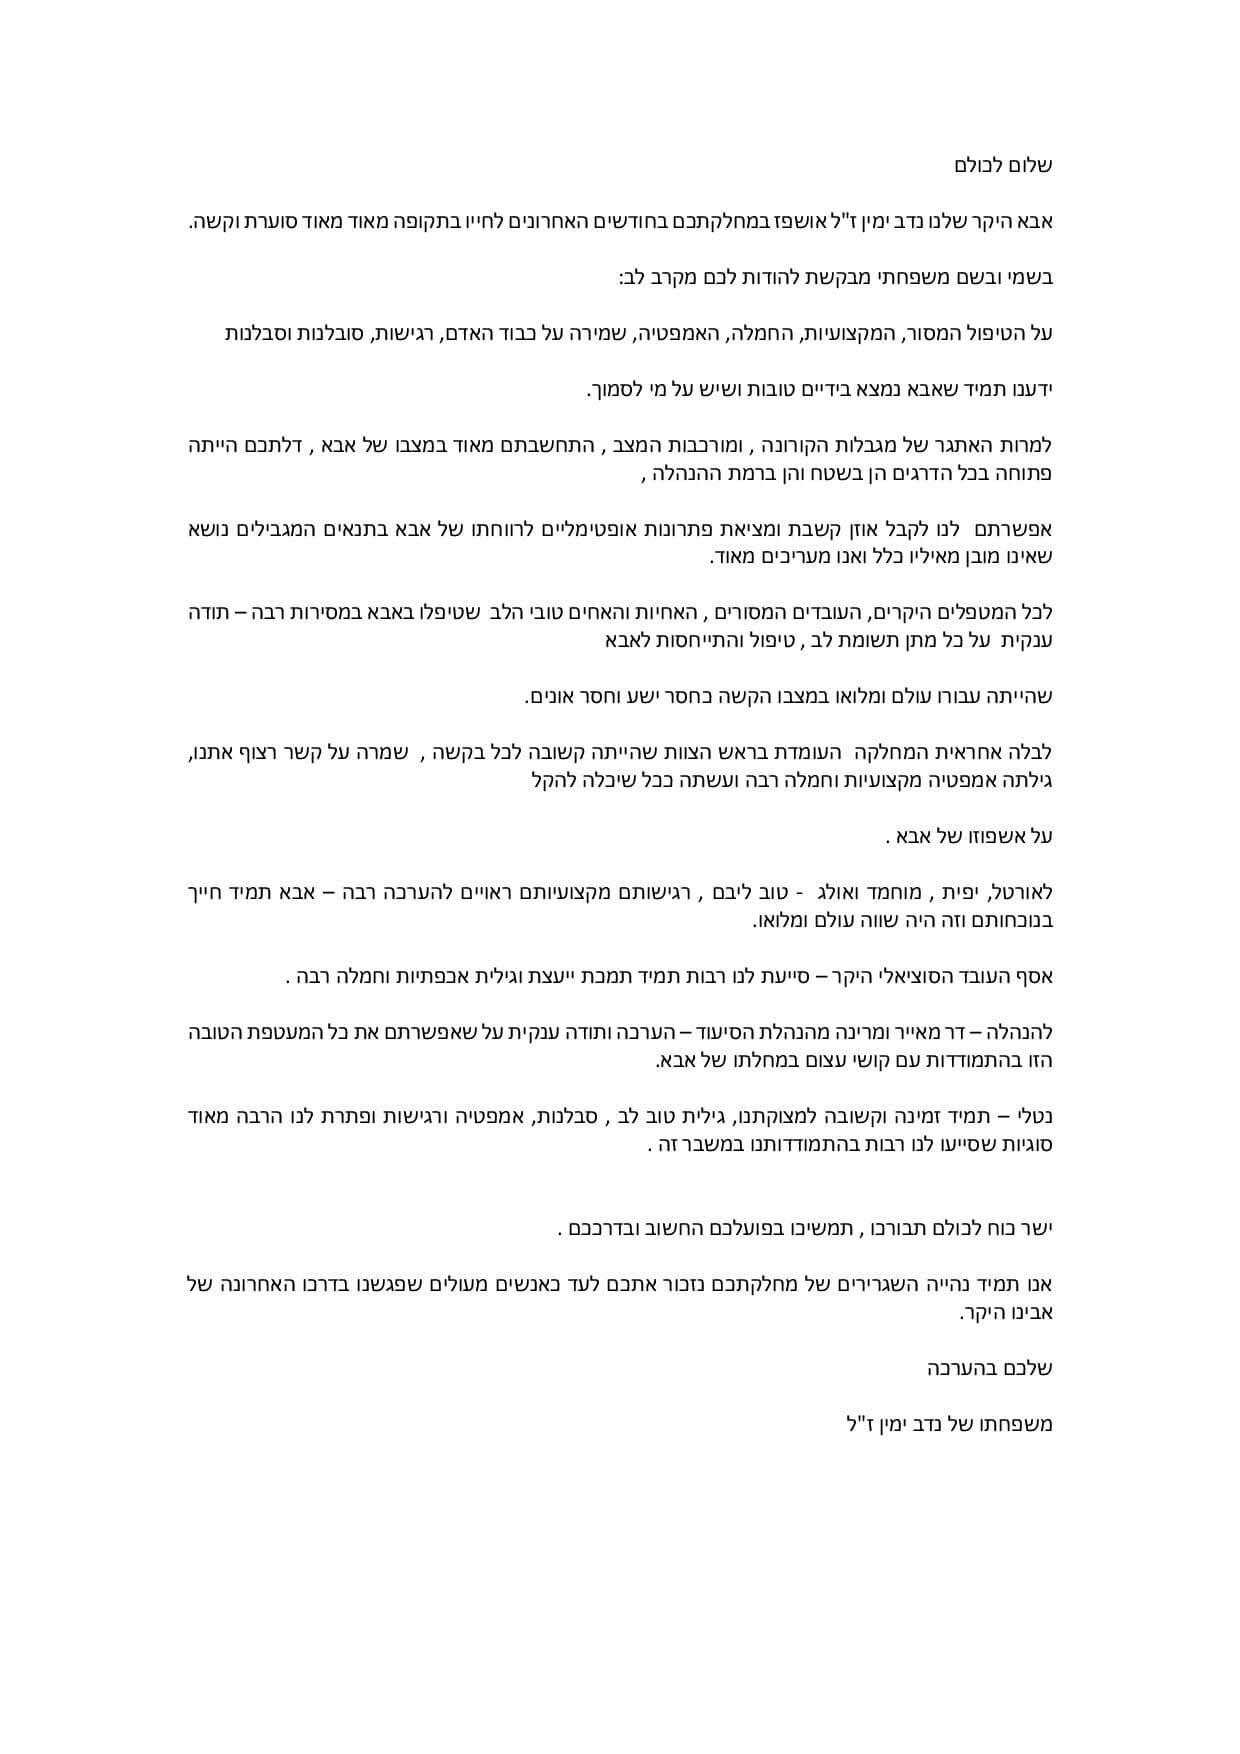 משפחתו של נדב ימין , מכתב תודה - ג'יקר/גולדן קר